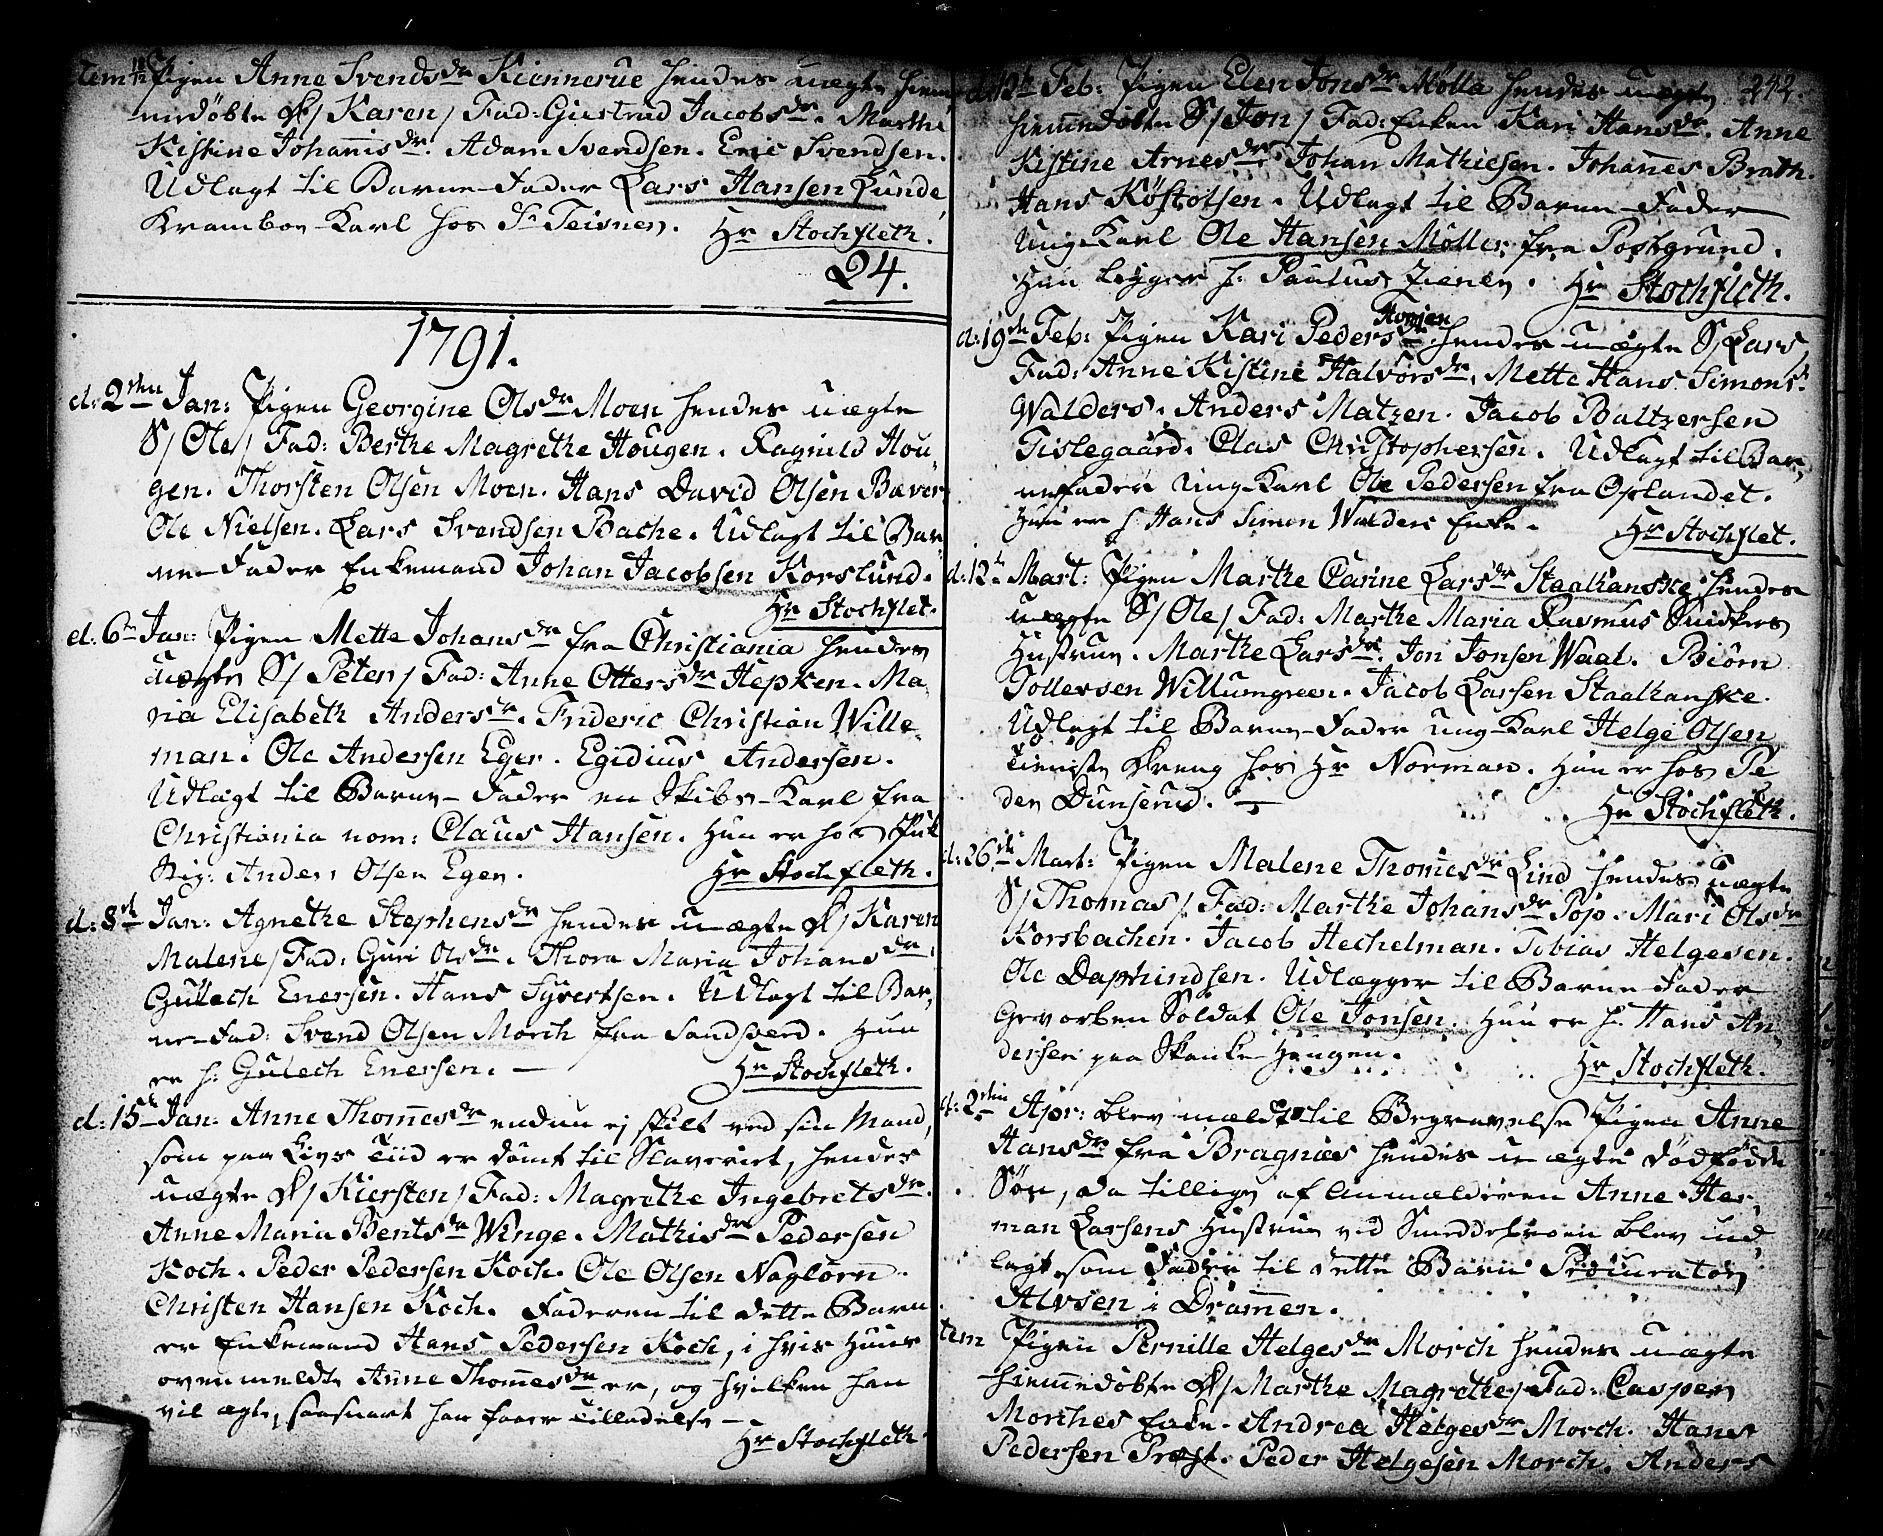 SAKO, Kongsberg kirkebøker, F/Fa/L0006: Ministerialbok nr. I 6, 1783-1797, s. 242